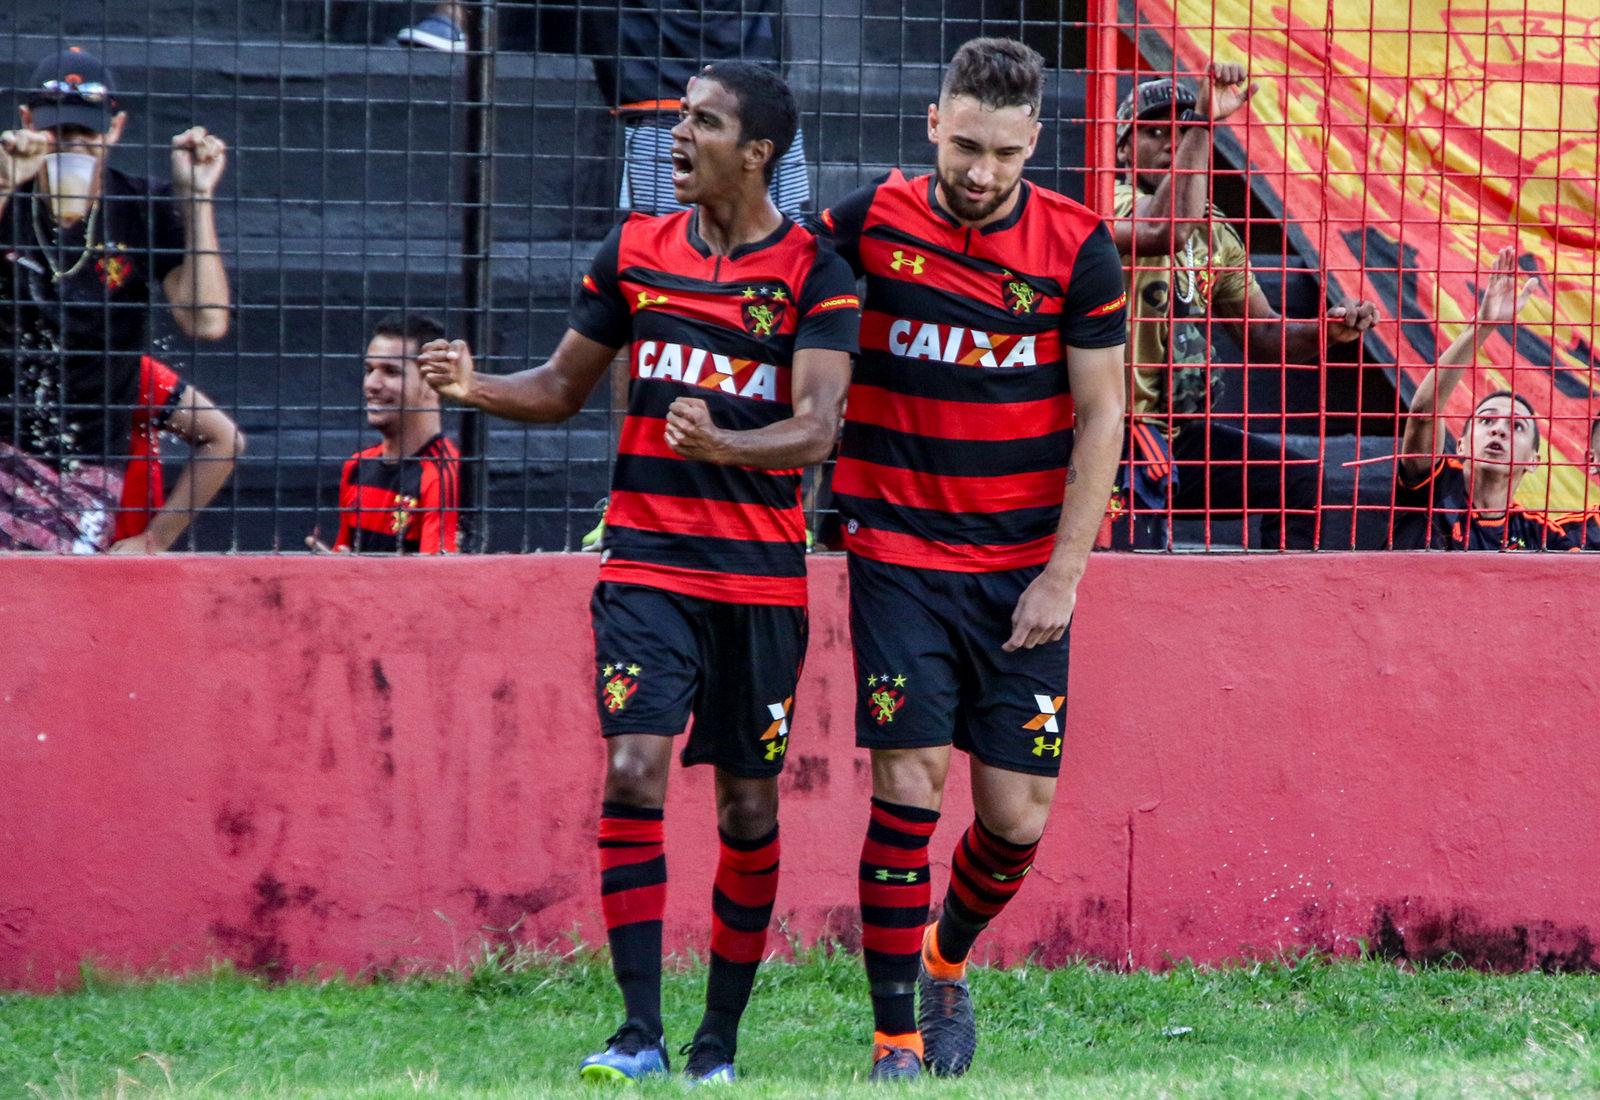 ... Autor do gol na partida contra o Fluminense 9c9adcb982ed5